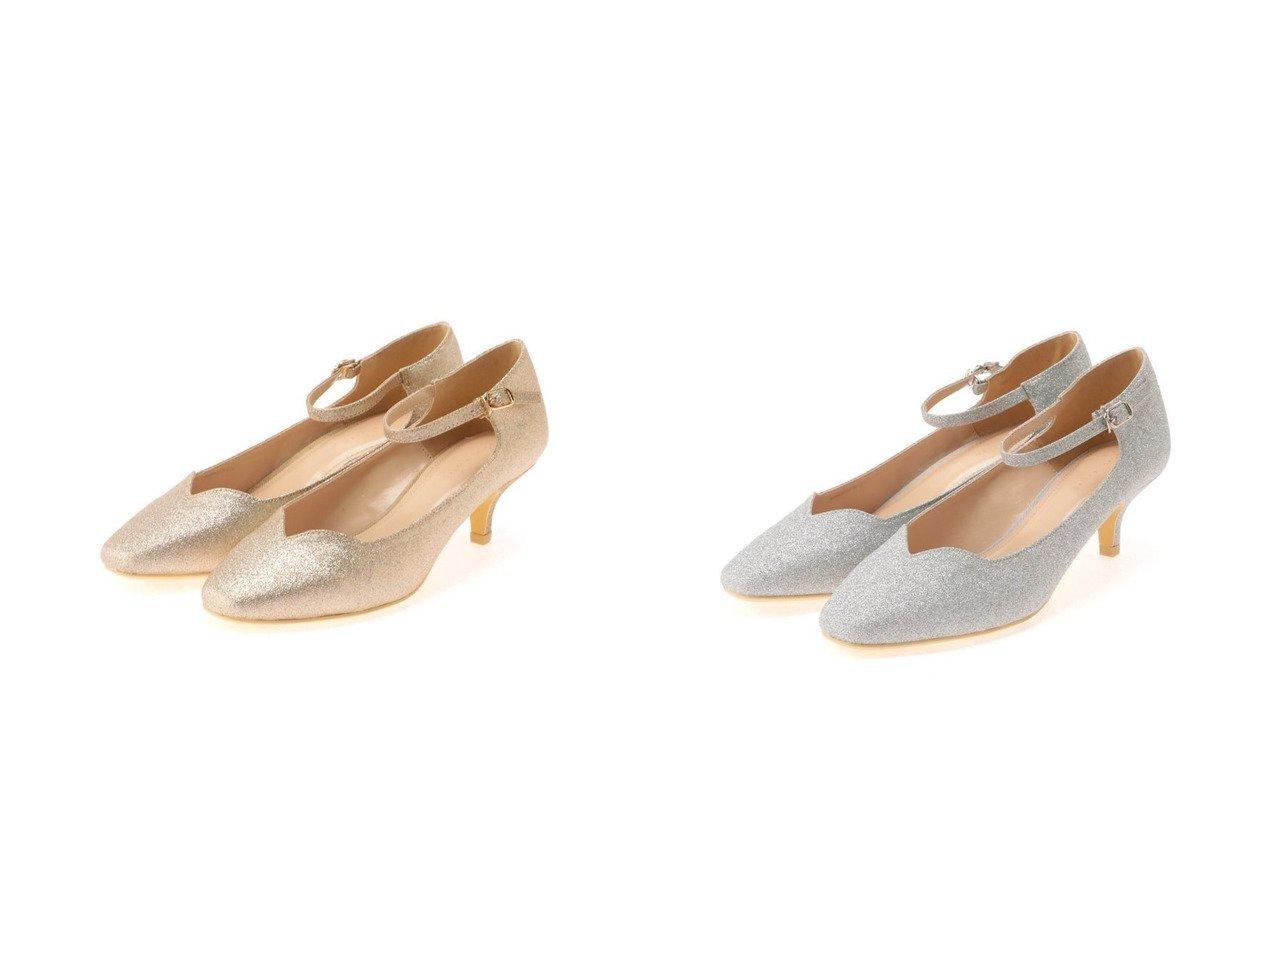 【apart by lowrys/アパートバイローリーズ】のハートラウンドパンプス 【シューズ・靴】おすすめ!人気、トレンド・レディースファッションの通販 おすすめで人気の流行・トレンド、ファッションの通販商品 メンズファッション・キッズファッション・インテリア・家具・レディースファッション・服の通販 founy(ファニー) https://founy.com/ ファッション Fashion レディースファッション WOMEN カッティング シューズ ストラップパンプス フェイクスエード |ID:crp329100000035481